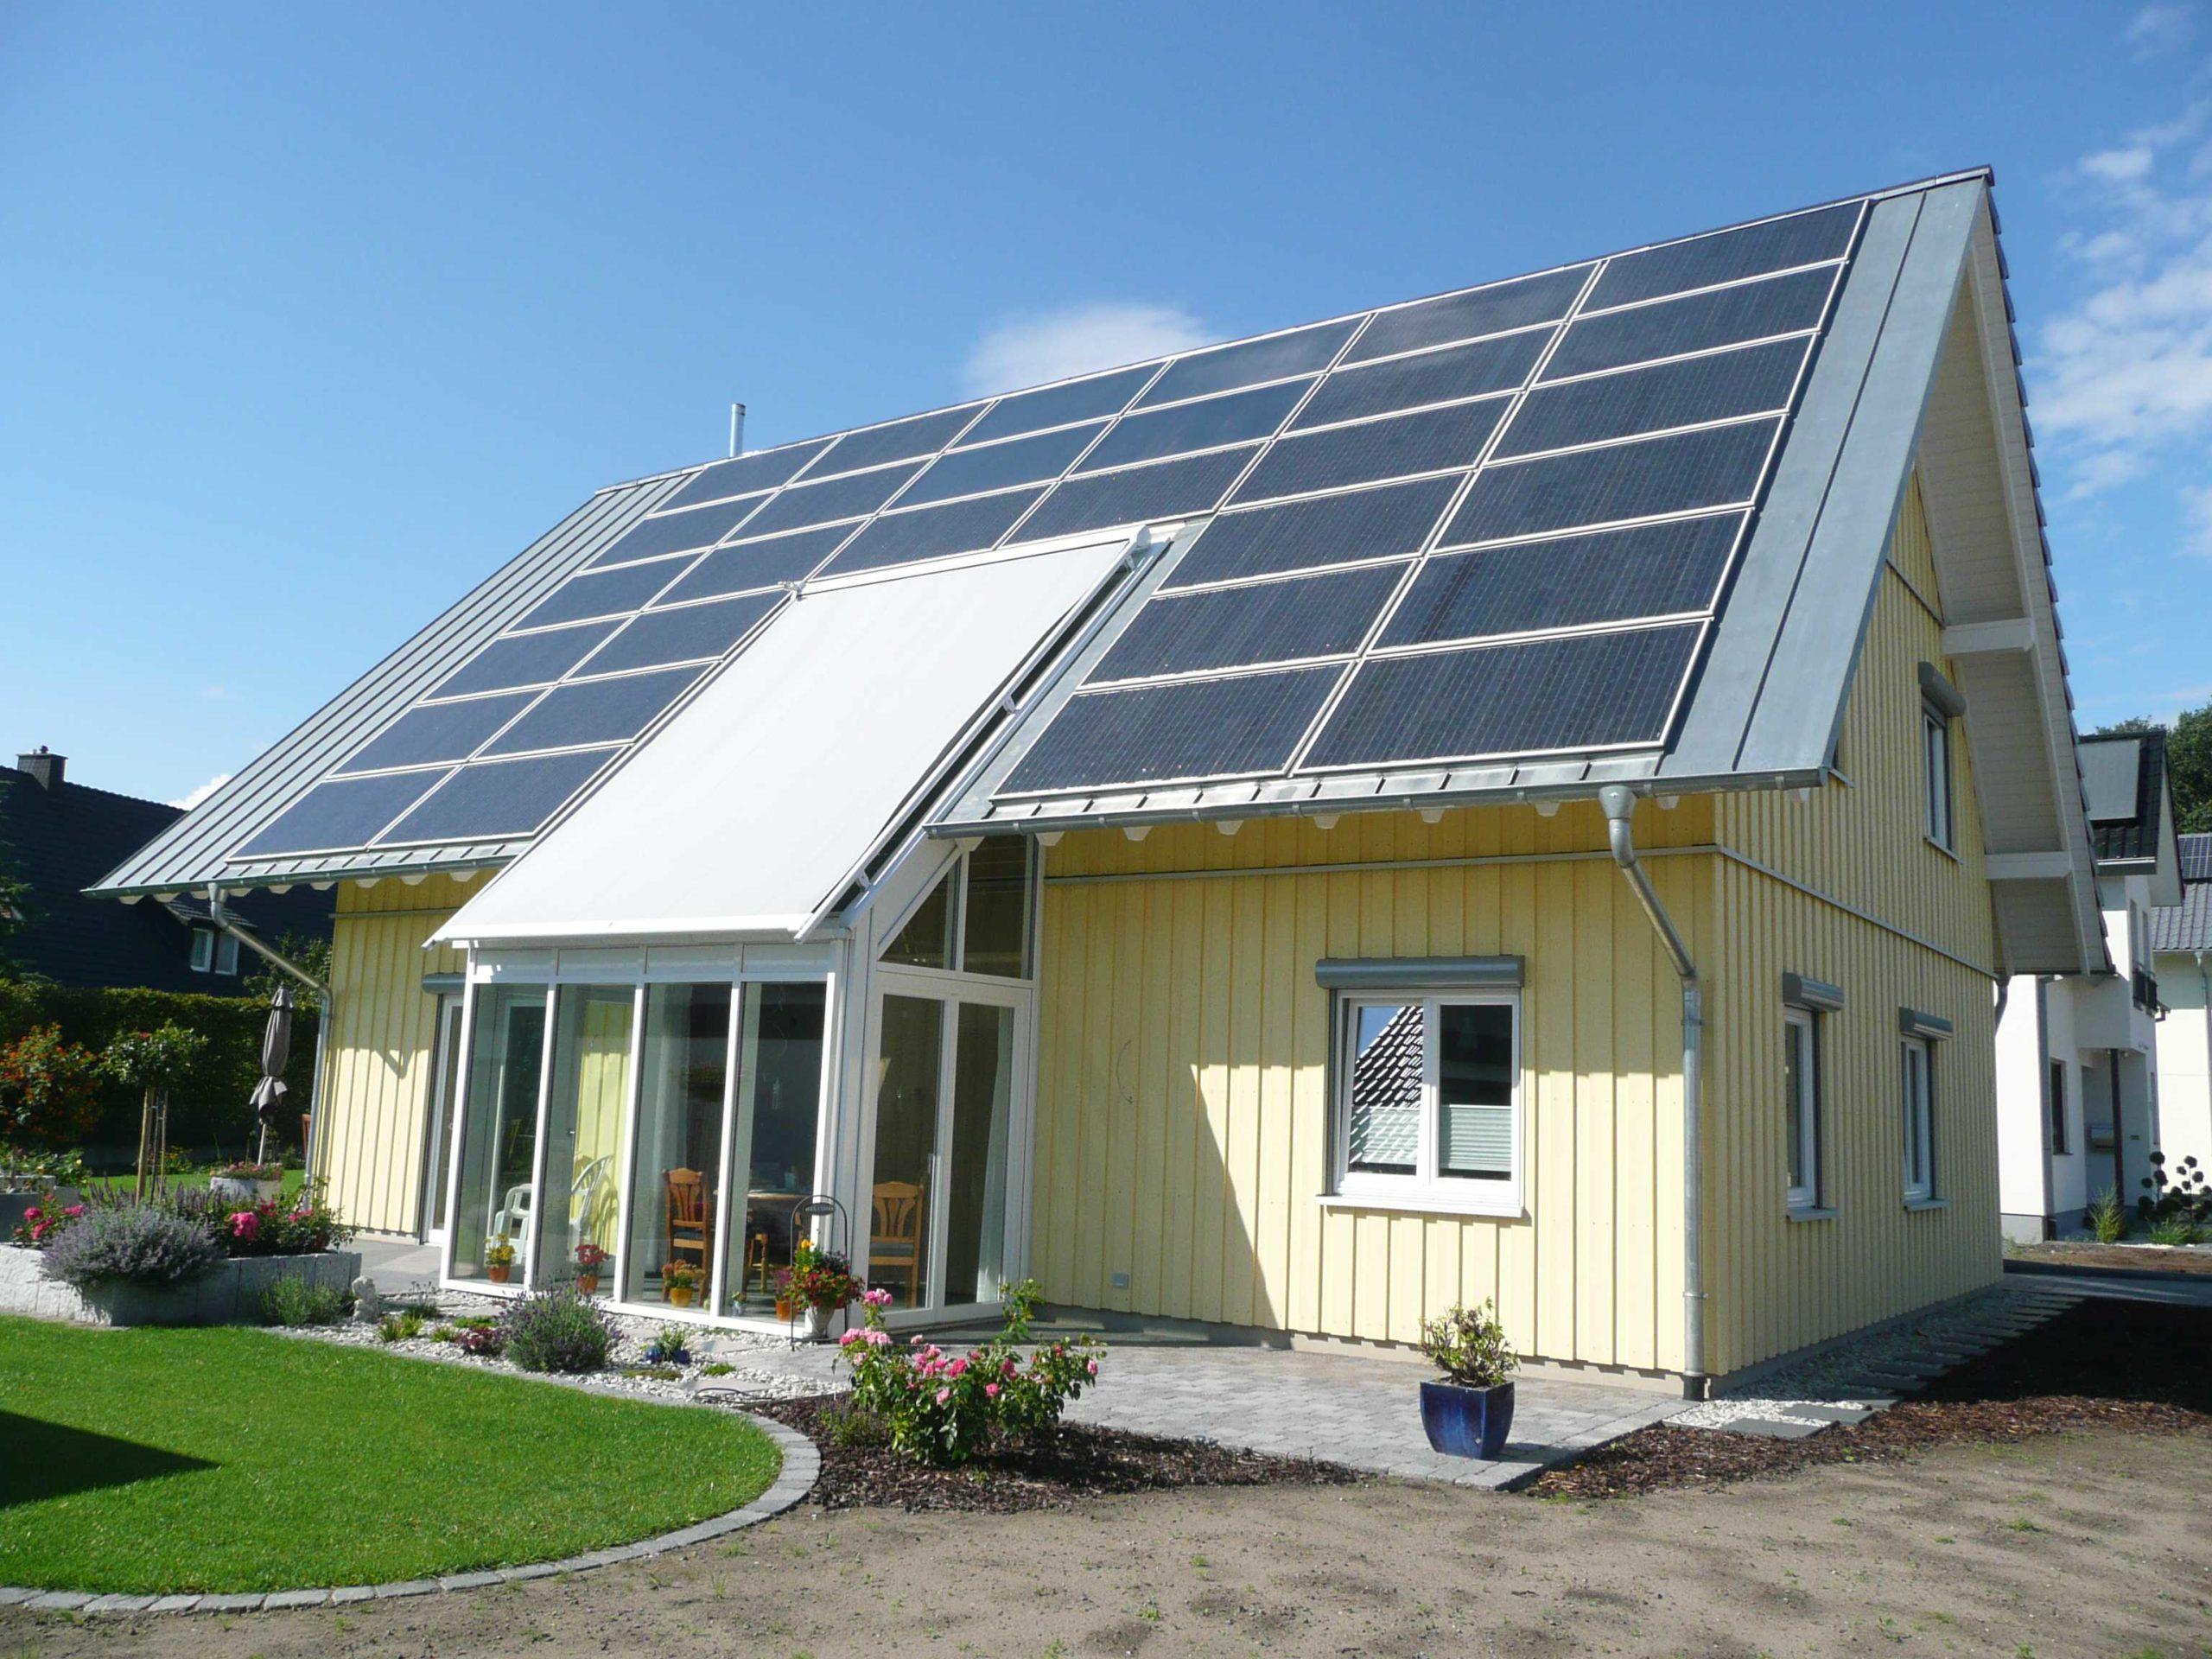 Holzhaus, Holzfassade, In-Dach-PV-Anlage, Wintergarten